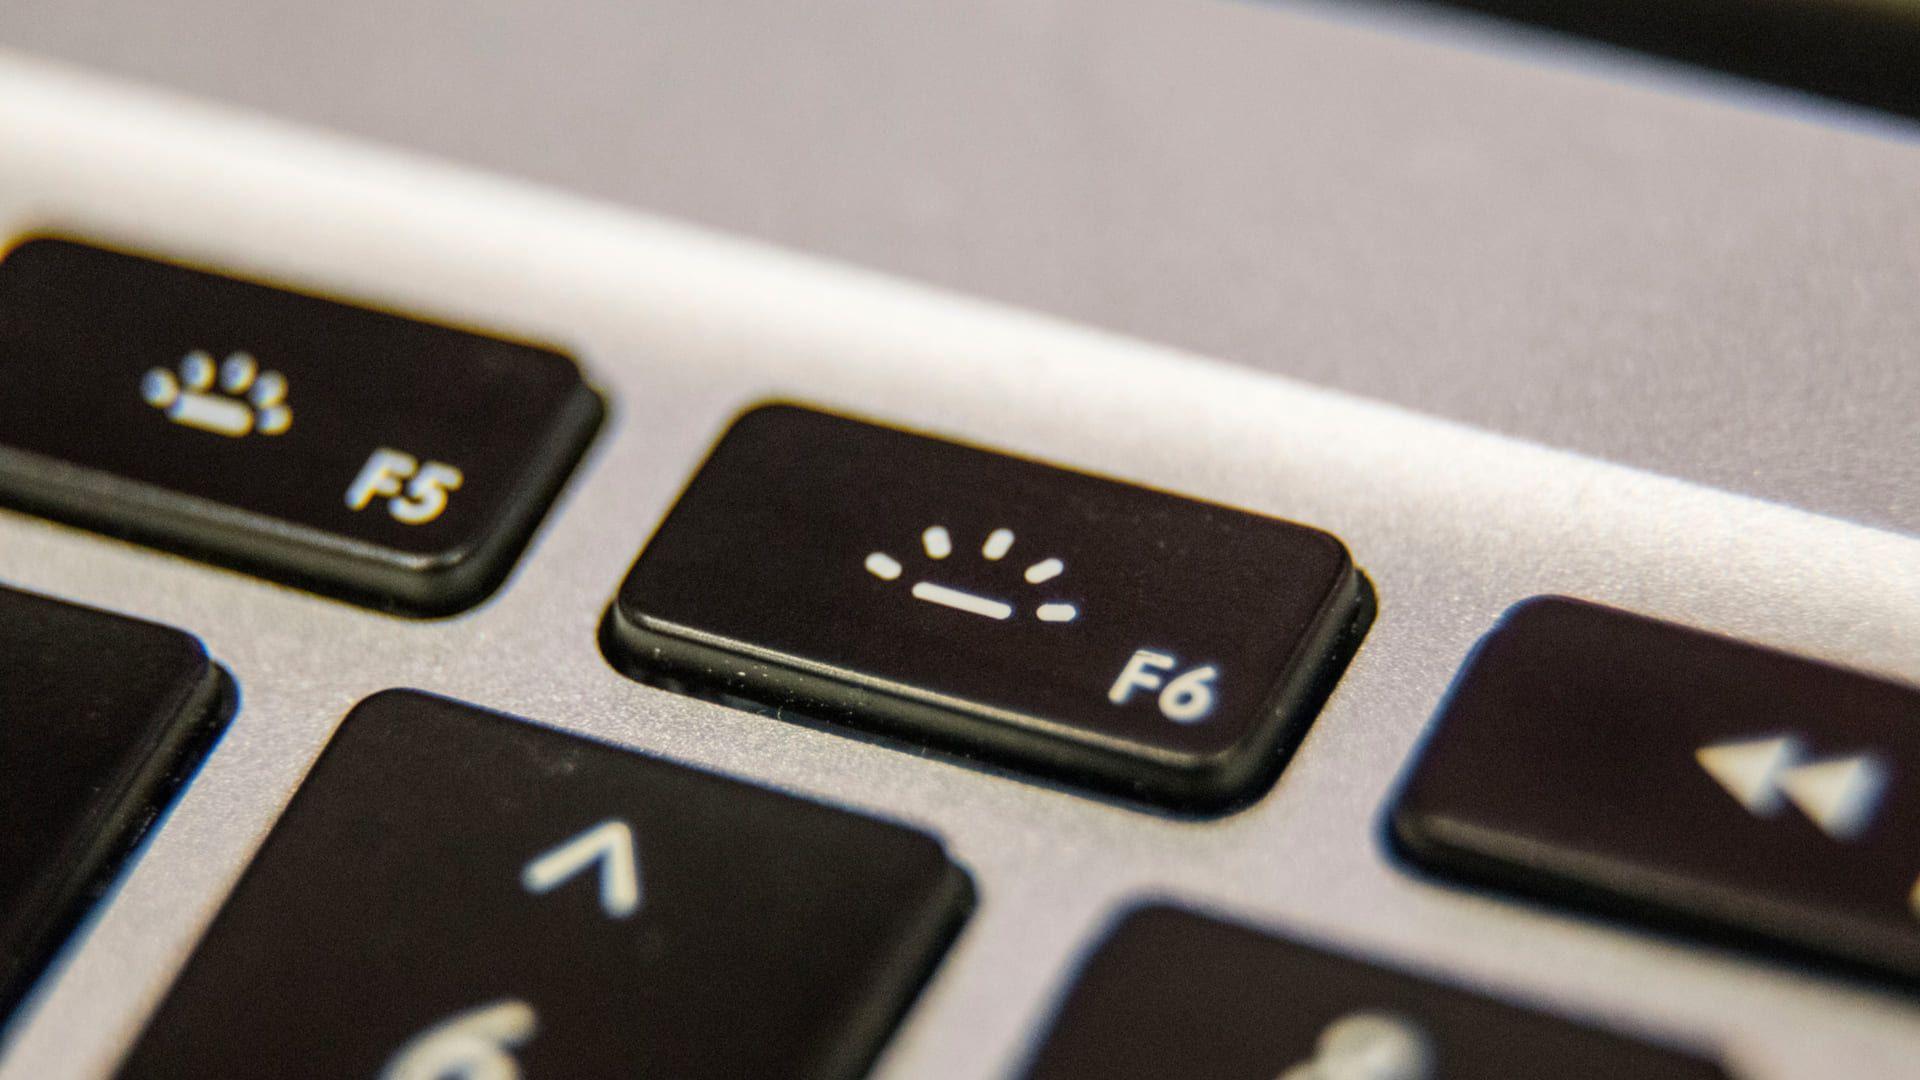 Use as teclas de atalho do seu teclado para ajustar o brilho do notebook (Fonte: Shutterstock)